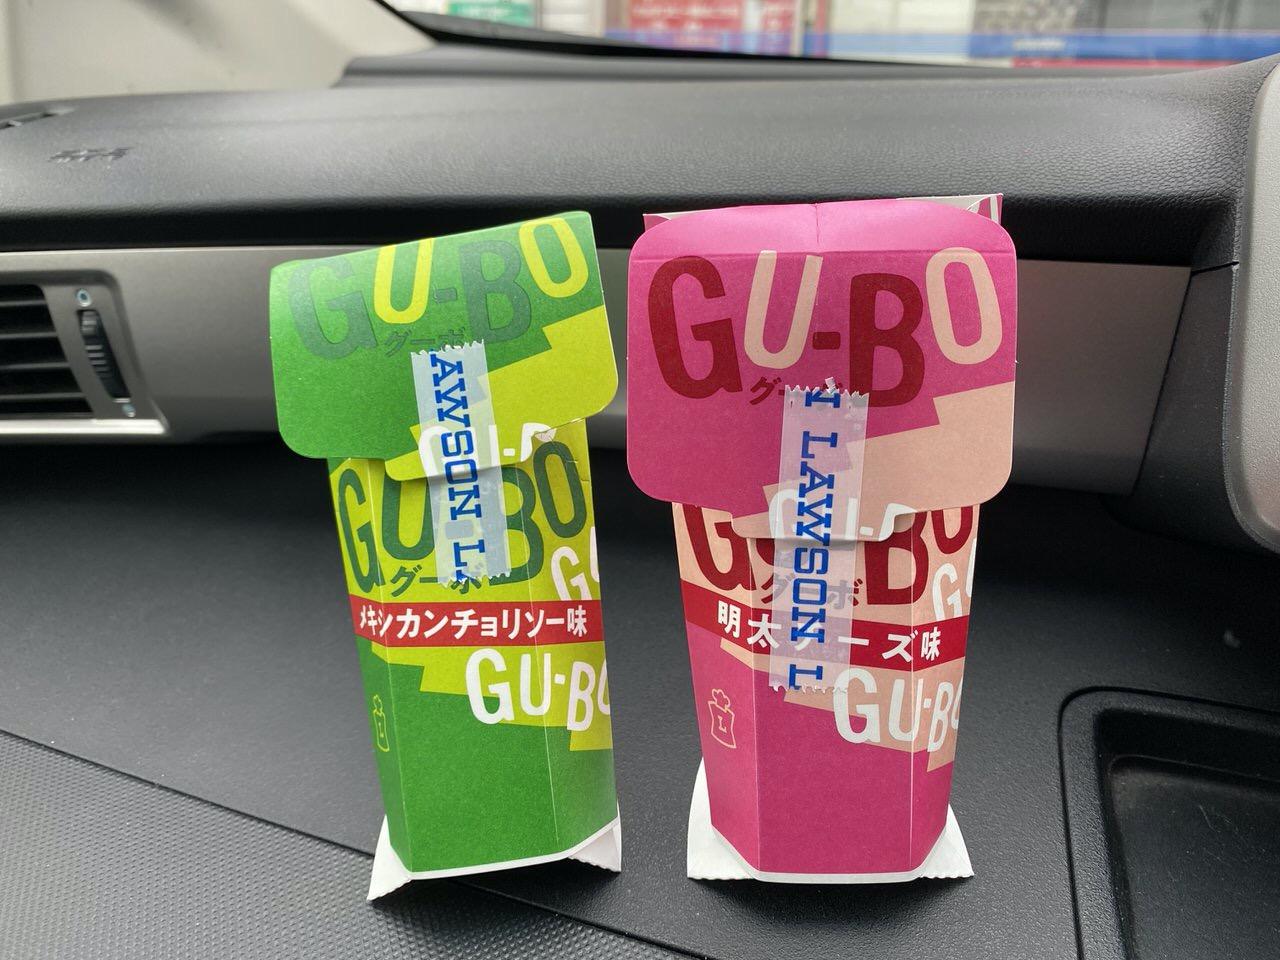 【ローソン】「GU-BO(グーボ)」1